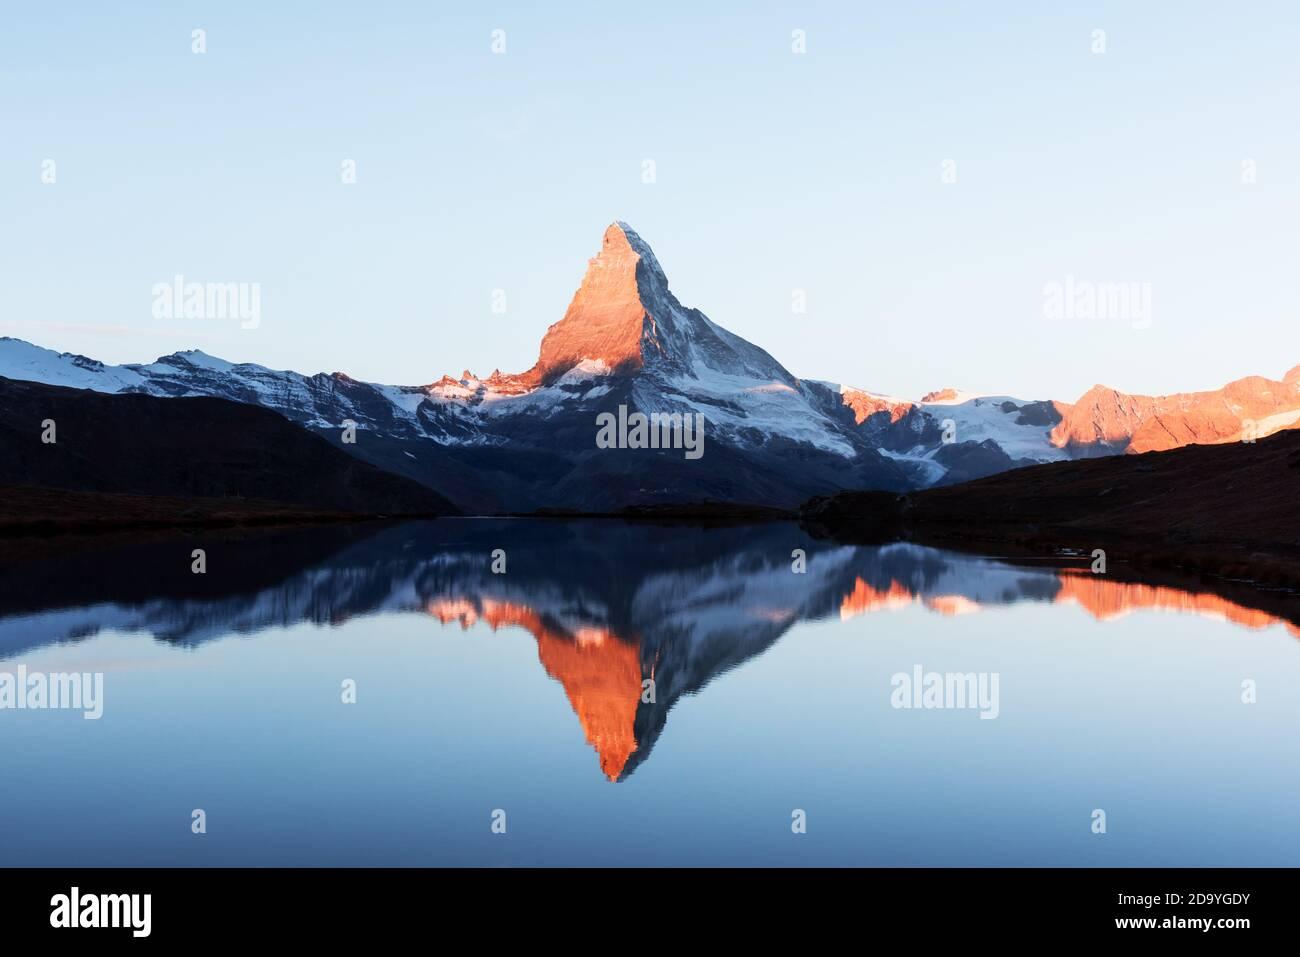 Pintoresco paisaje con coloridos Stellisee amanecer en el lago. El Matterhorn Cervino pico nevado con el reflejo en el agua clara. Zermatt, Suiza Alpes Foto de stock